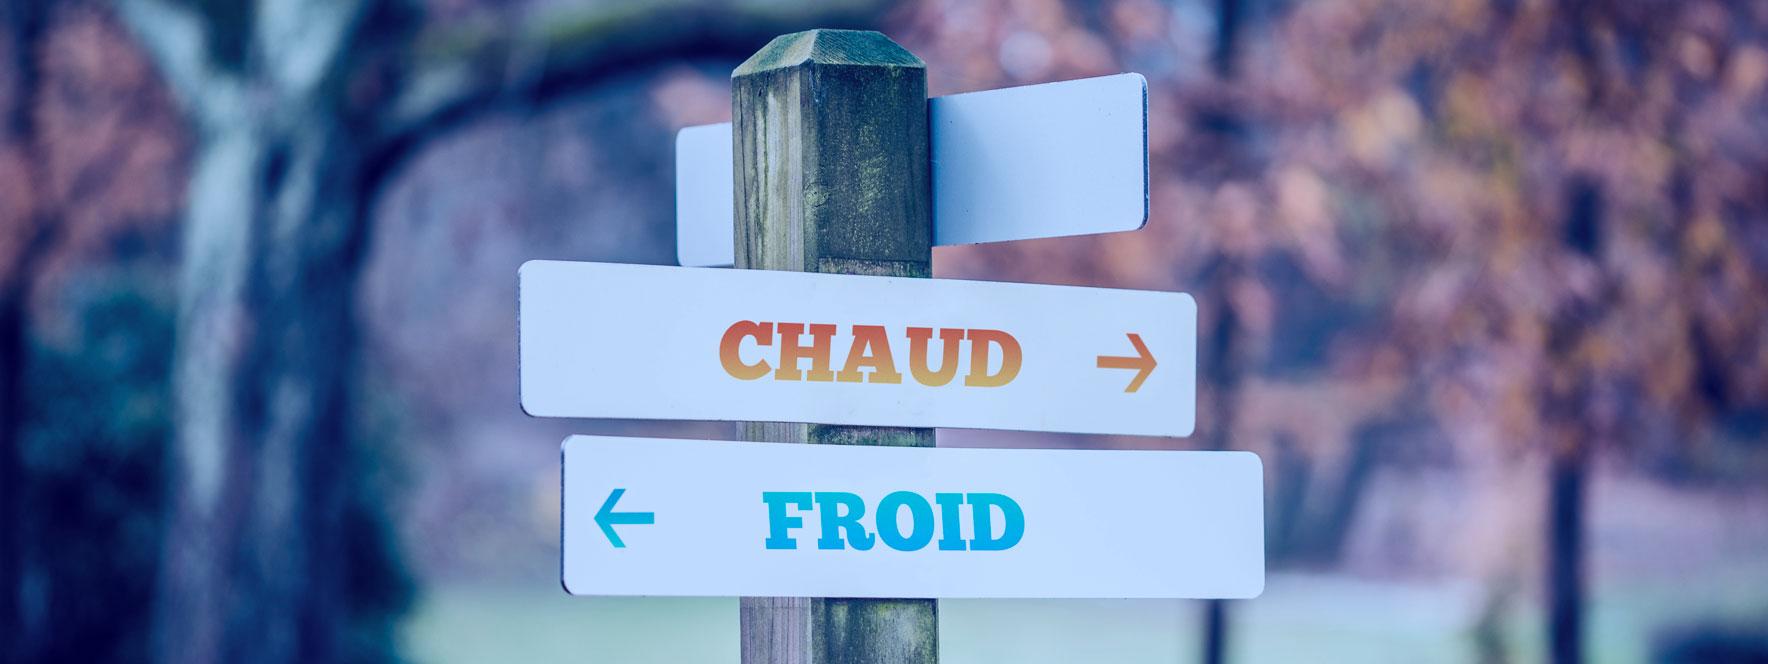 Le combat du siècle : Froid contre Chaleur - Blogue du Réseau